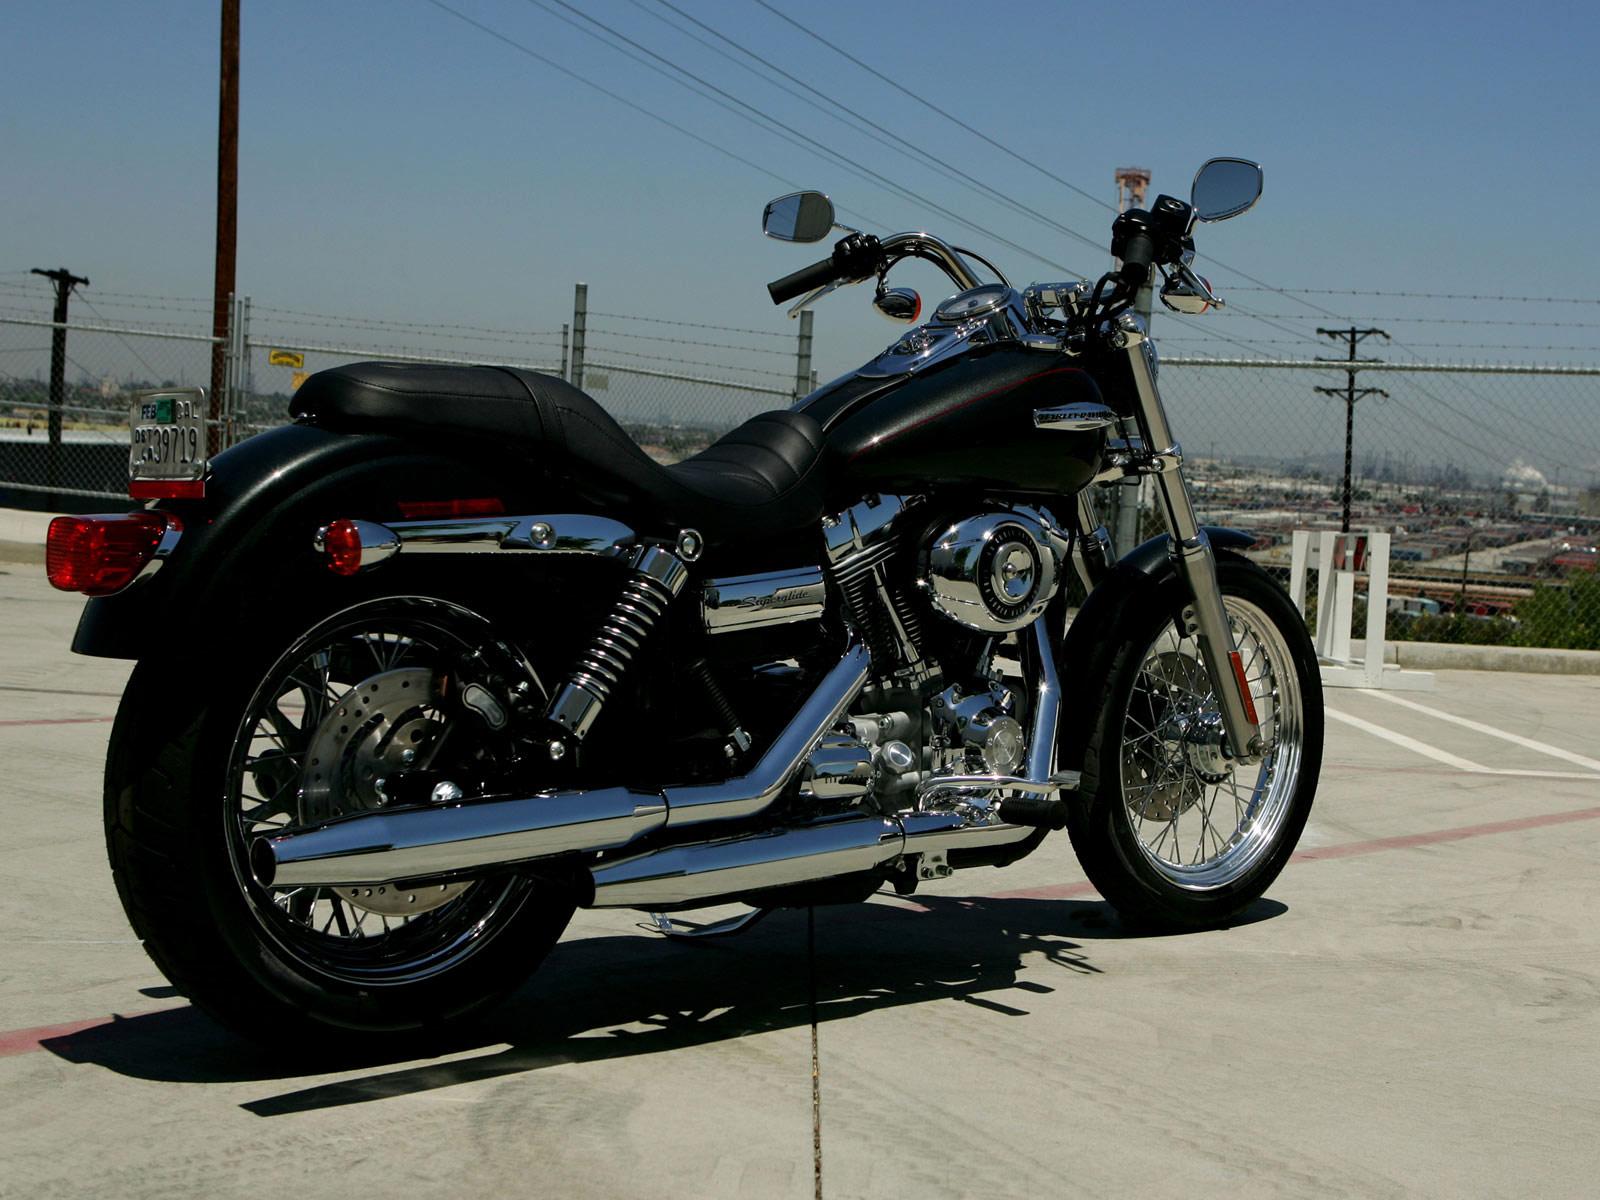 FXDC Dyna Super Glide Custom 2007 Harley-Davidson pictures